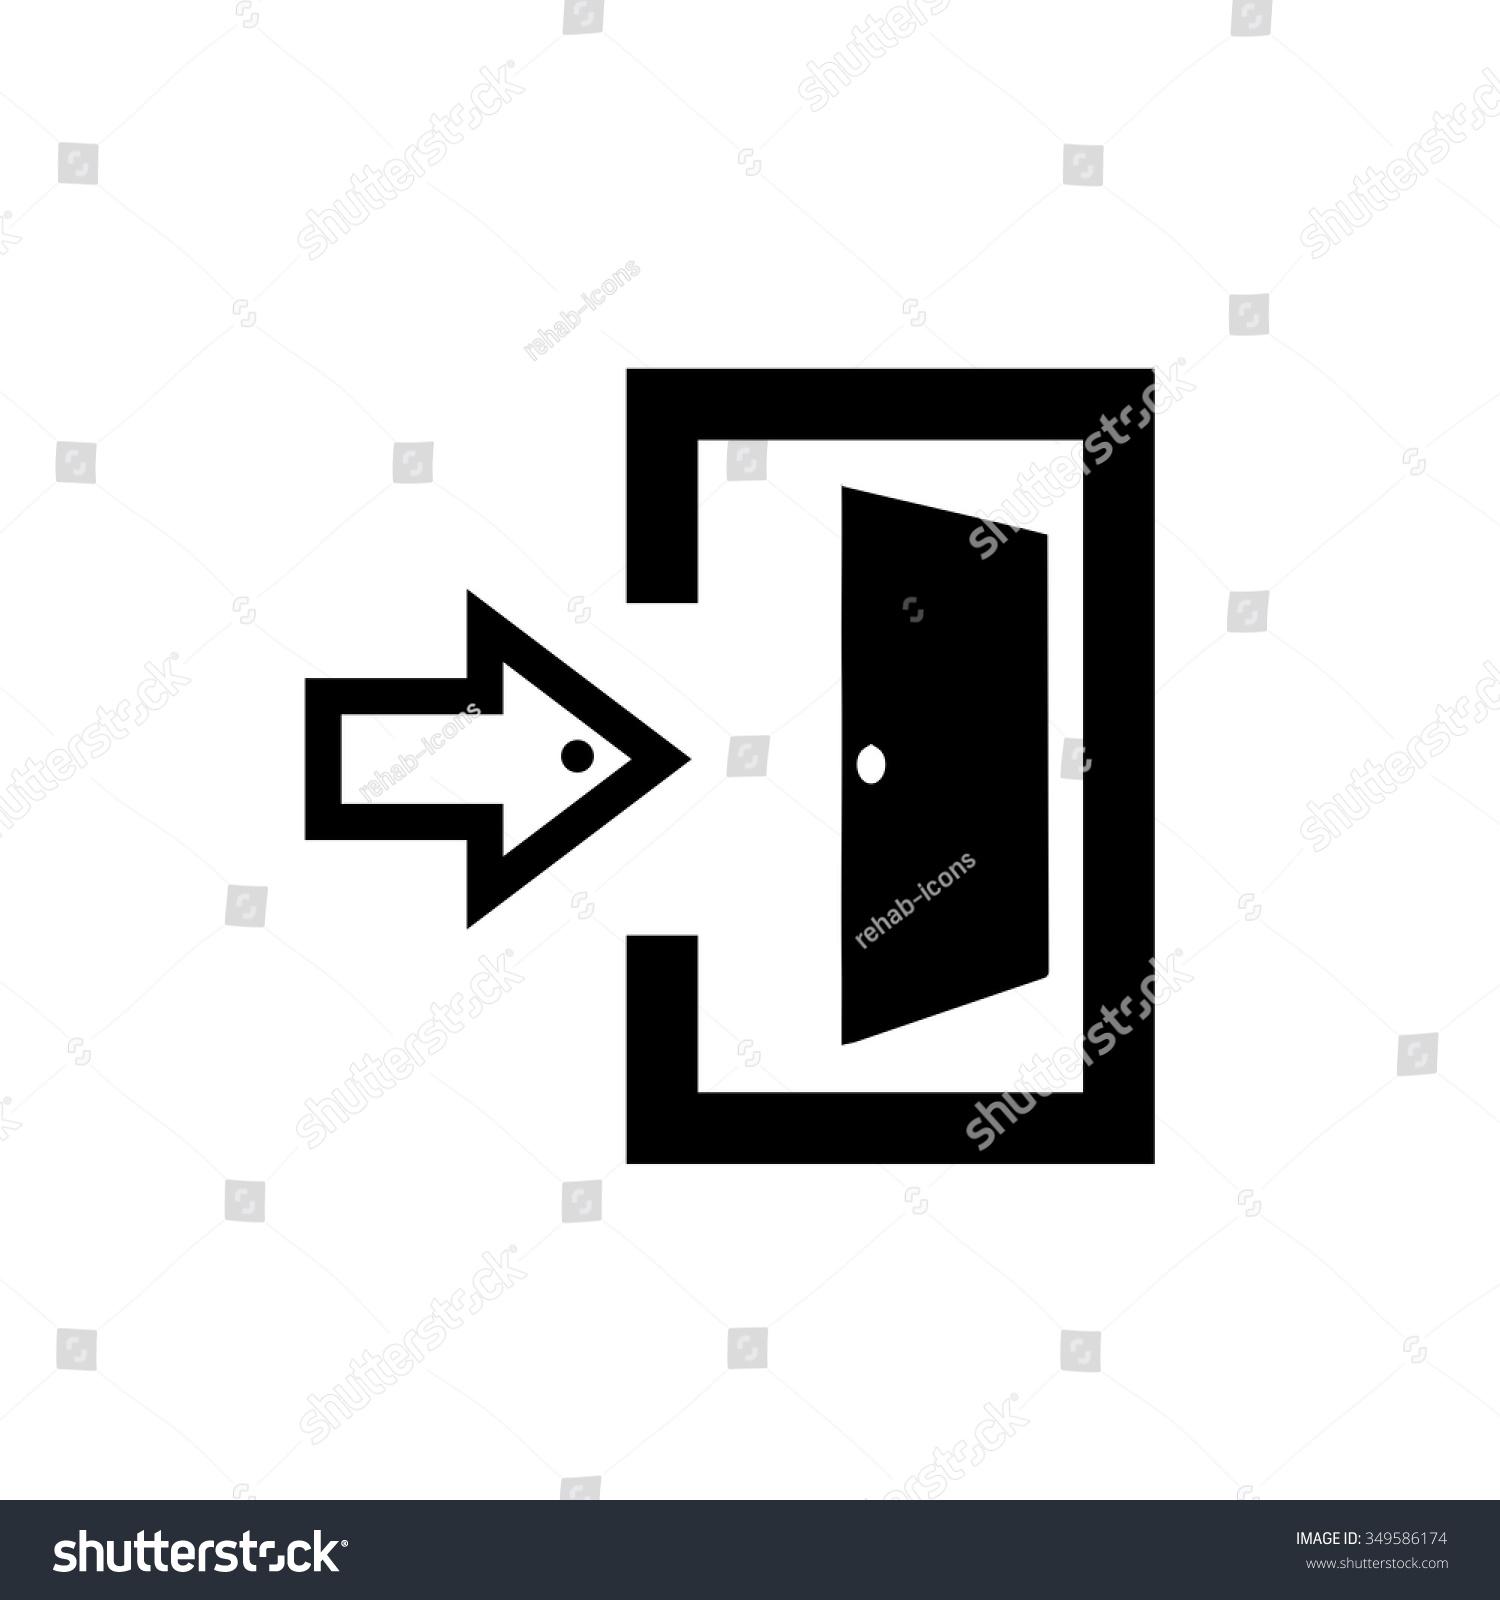 door symbol exit door symbol free icon sc 1 st freepik